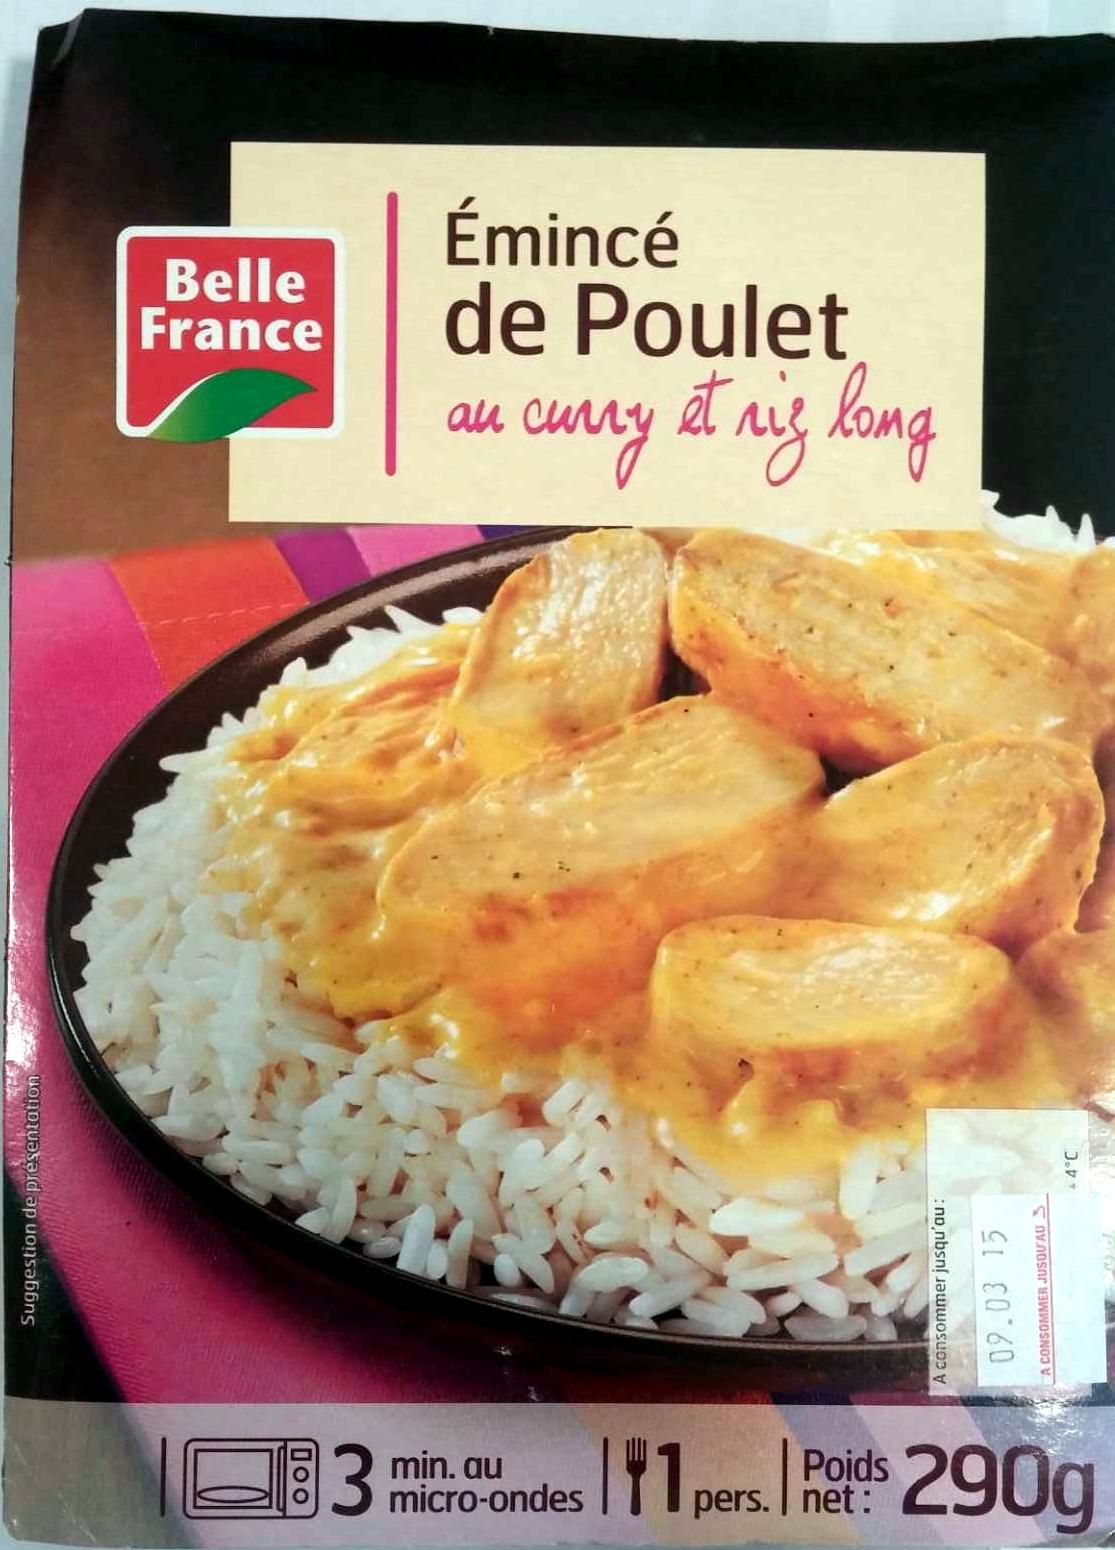 Émincé de Poulet au curry et riz long - Product - fr